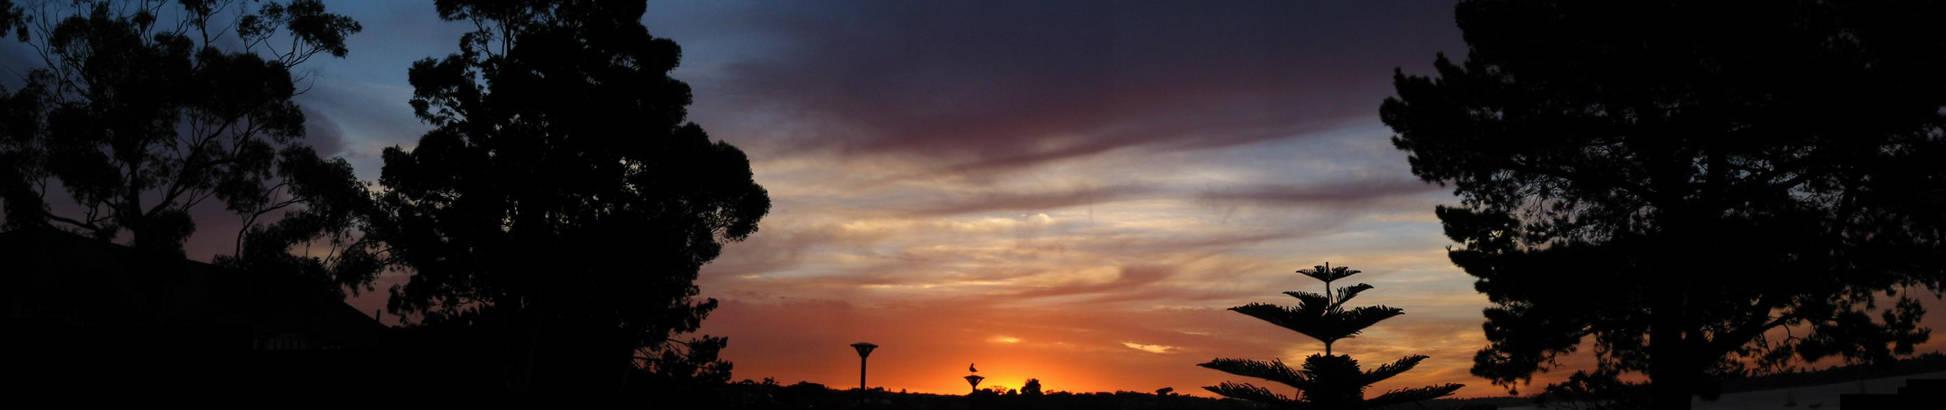 Sunset - Perth Australia